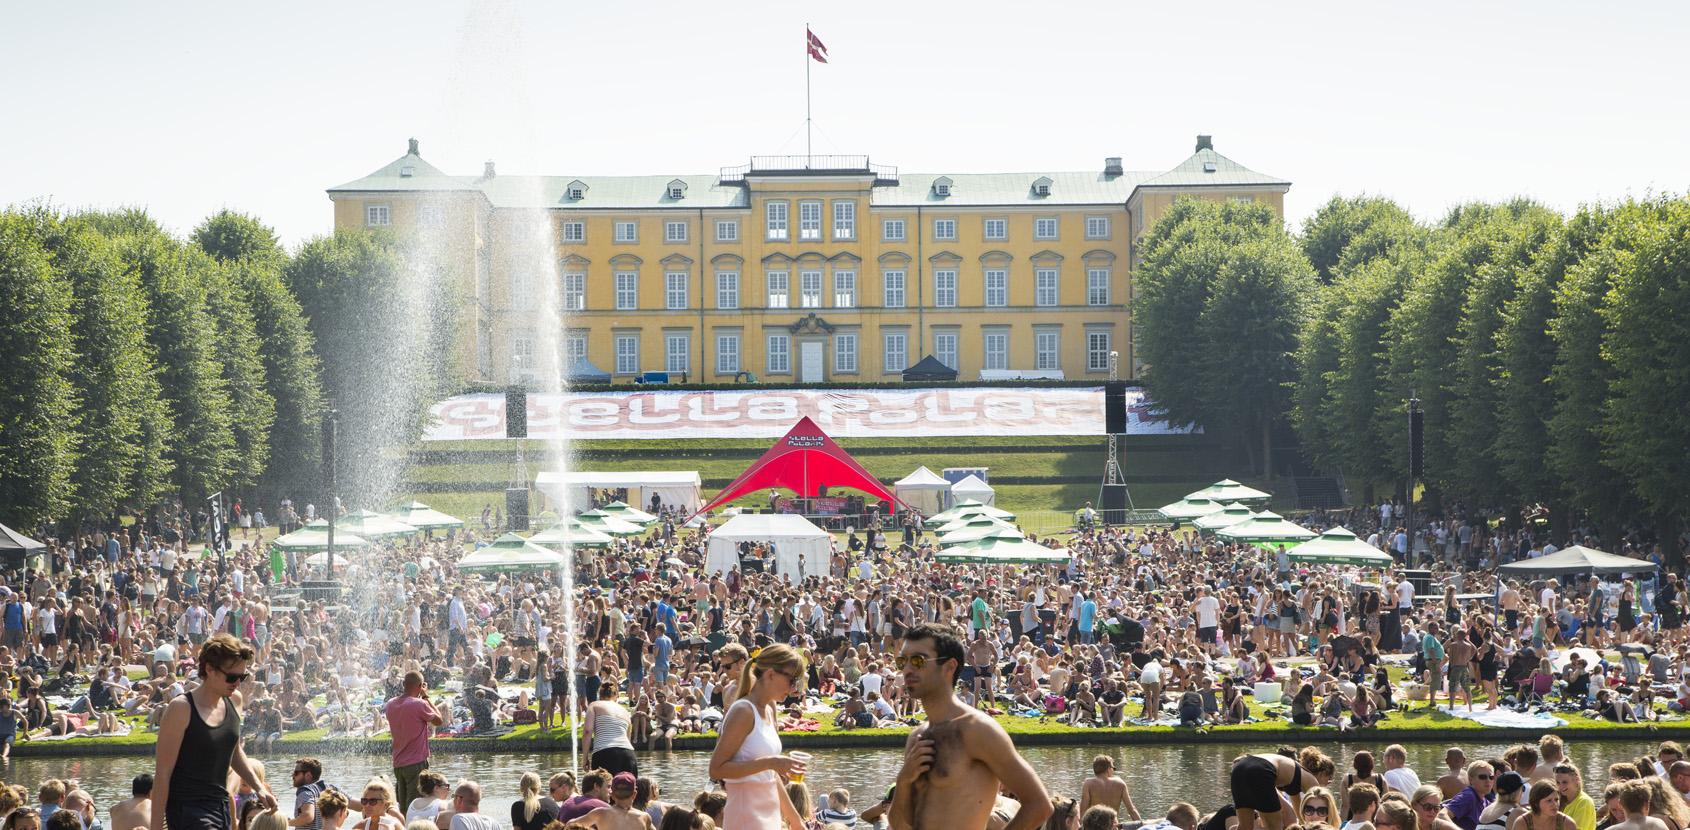 Messe, festival, koncert, udstilling